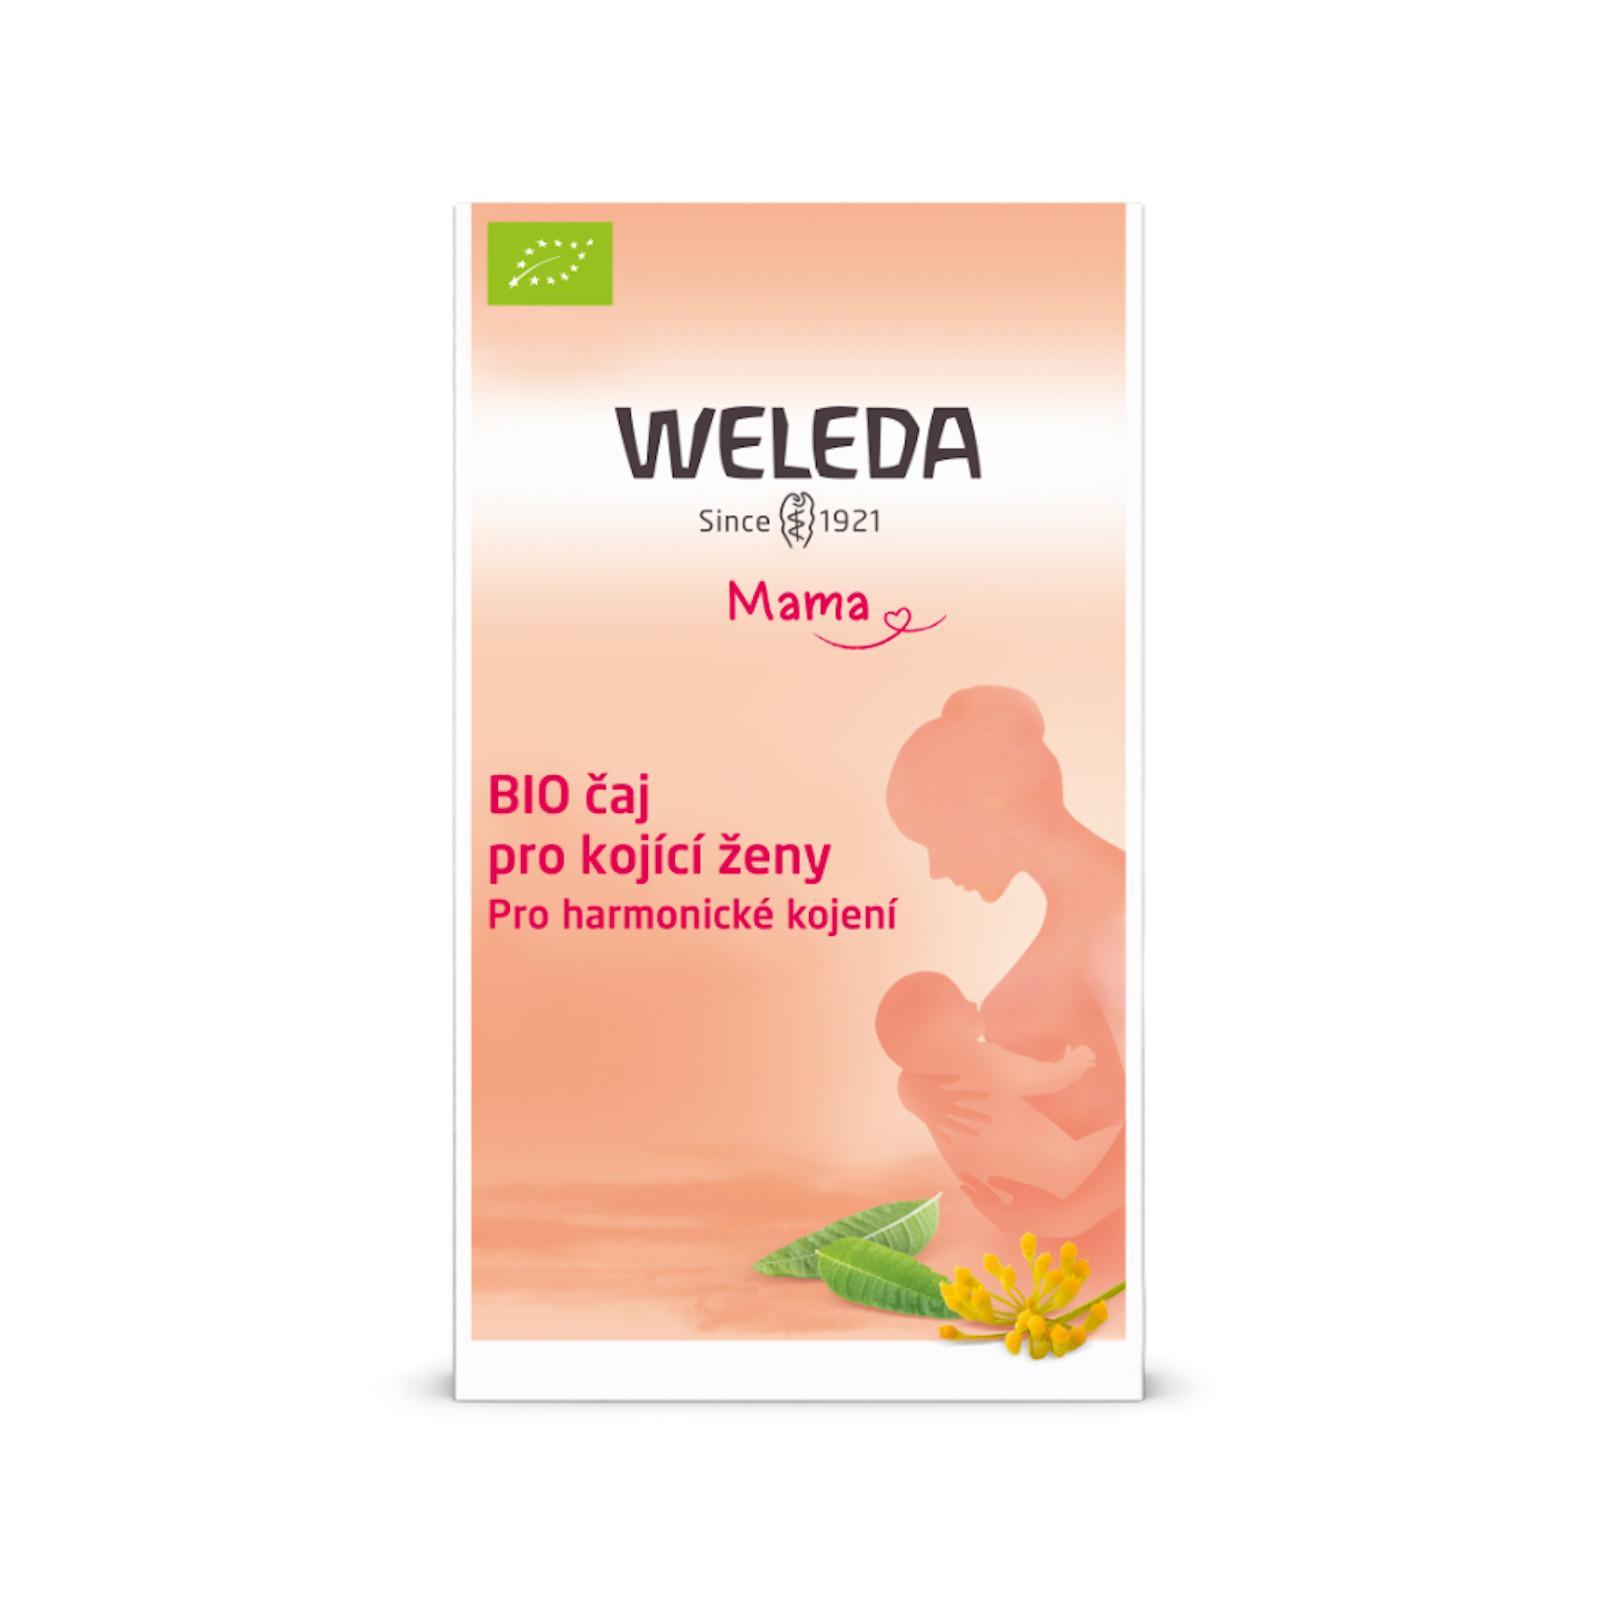 Weleda Čaj pro kojící ženy, bio 20 ks, 40 g